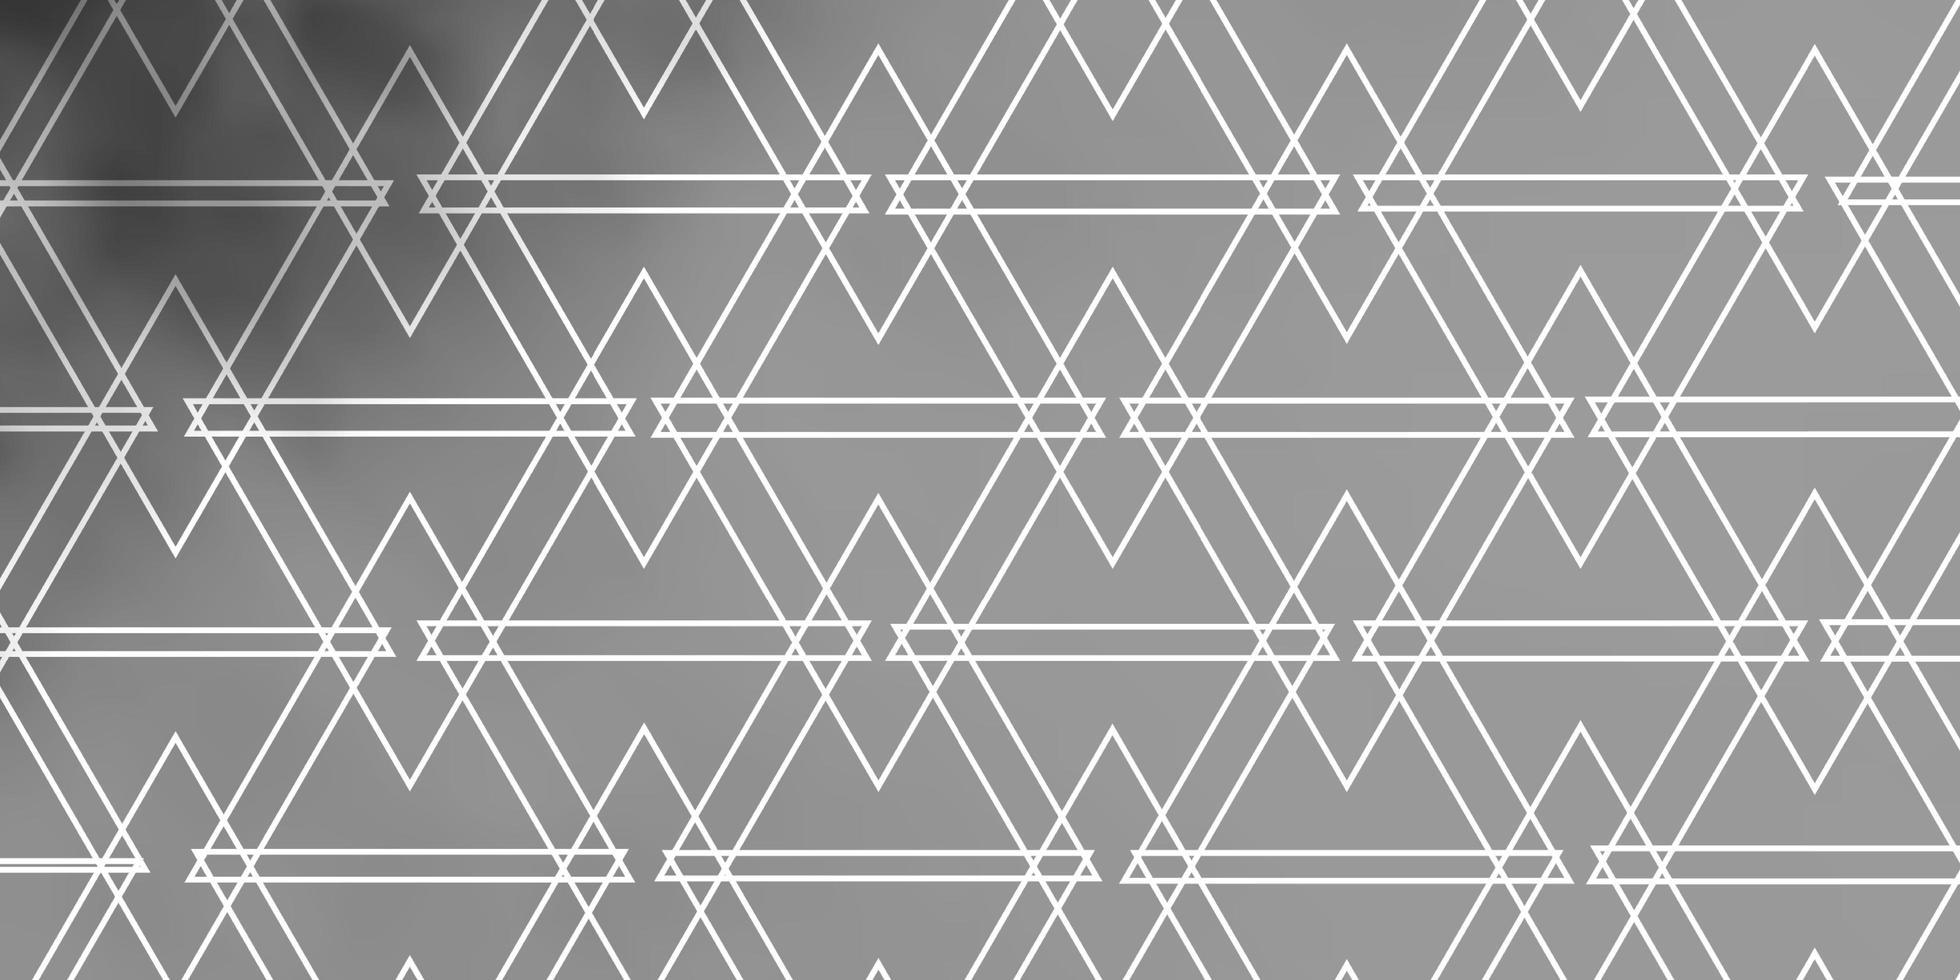 trama grigio chiaro con linee, triangoli. vettore